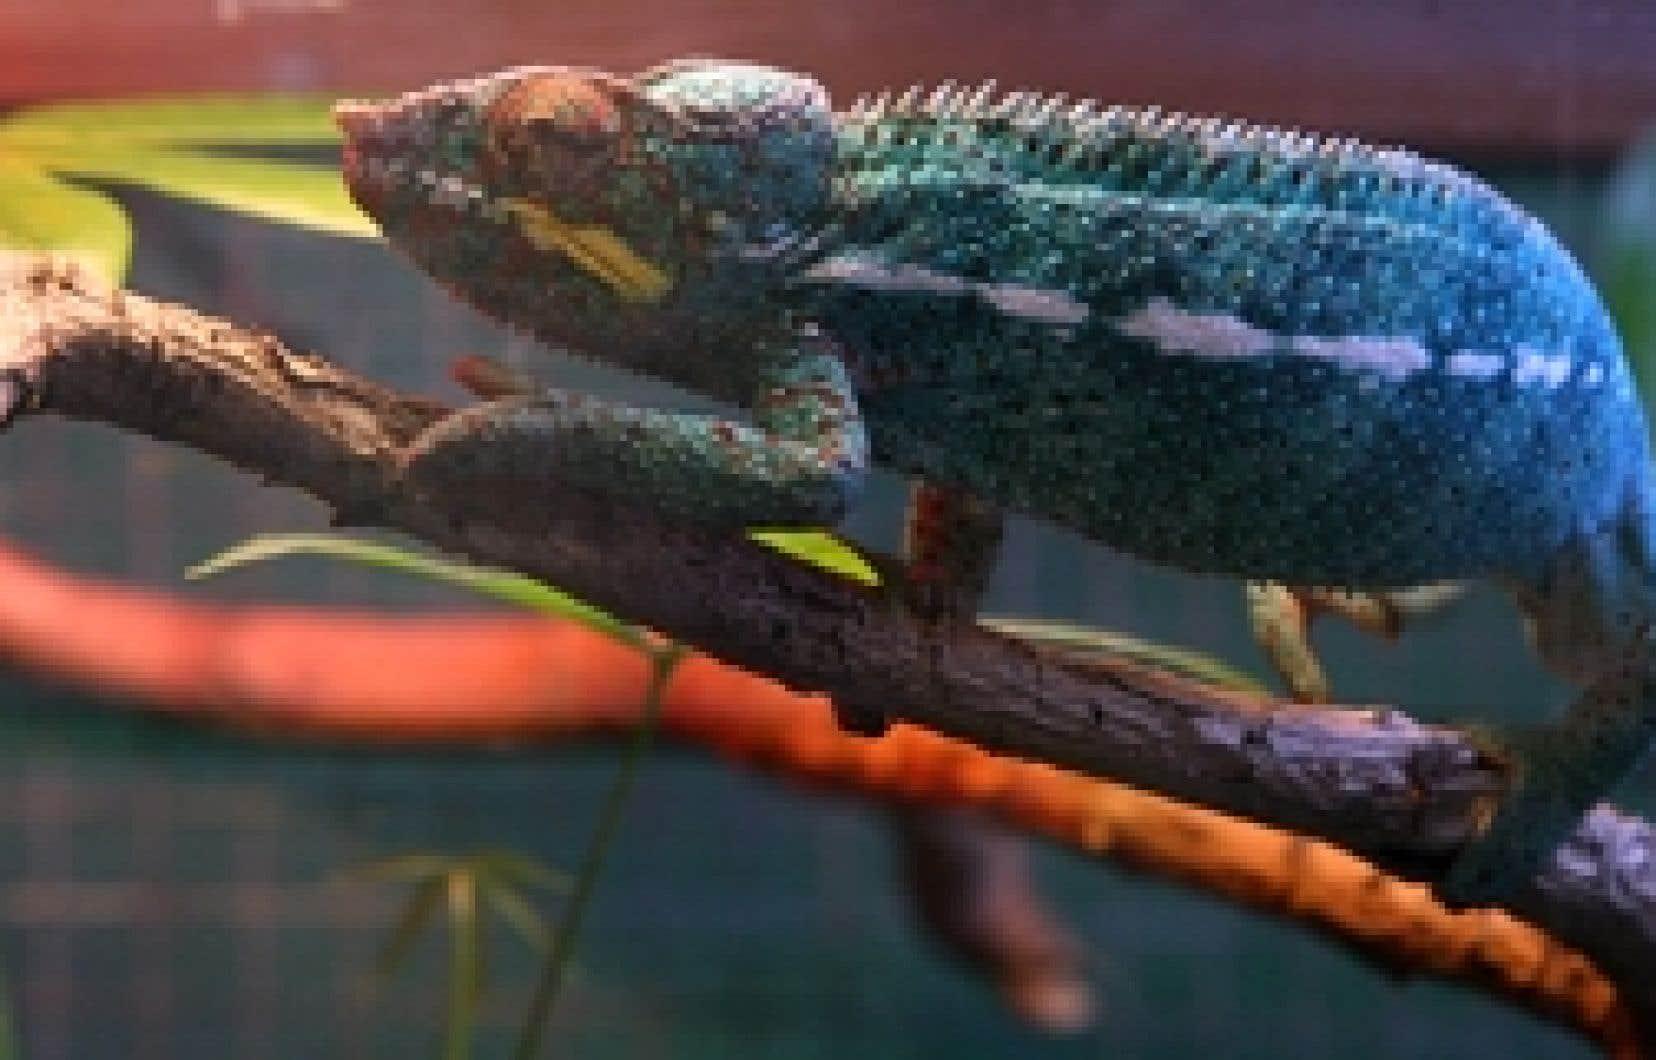 La diète du caméléon se compose d'insectes, dont plusieurs variétés de vers. Mmmmmmm...